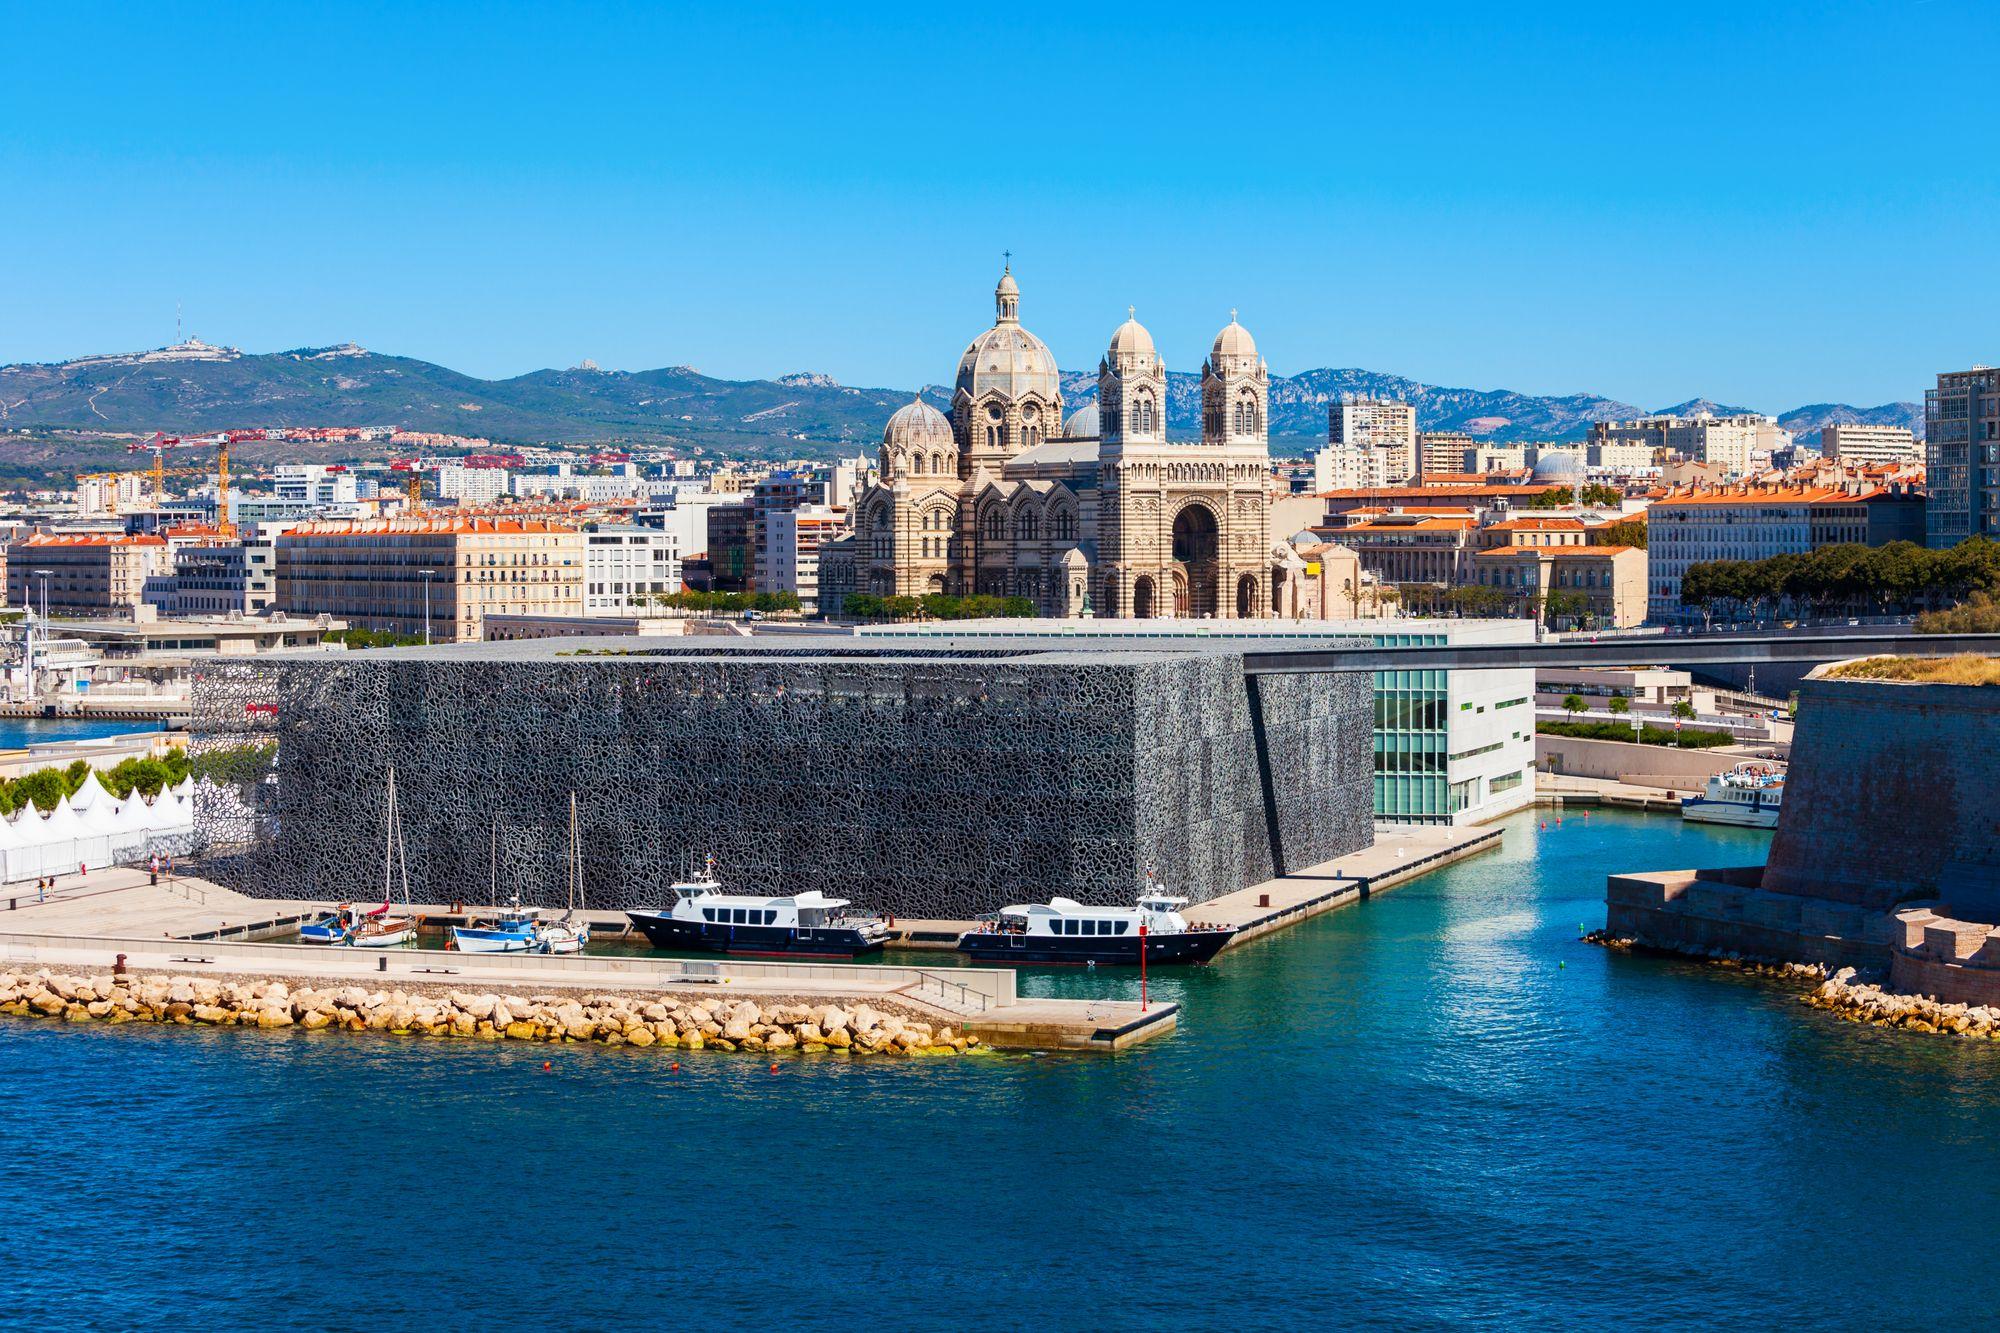 Le Musée des Civilisations de l'Europe et de la Méditerranée (Mucem)